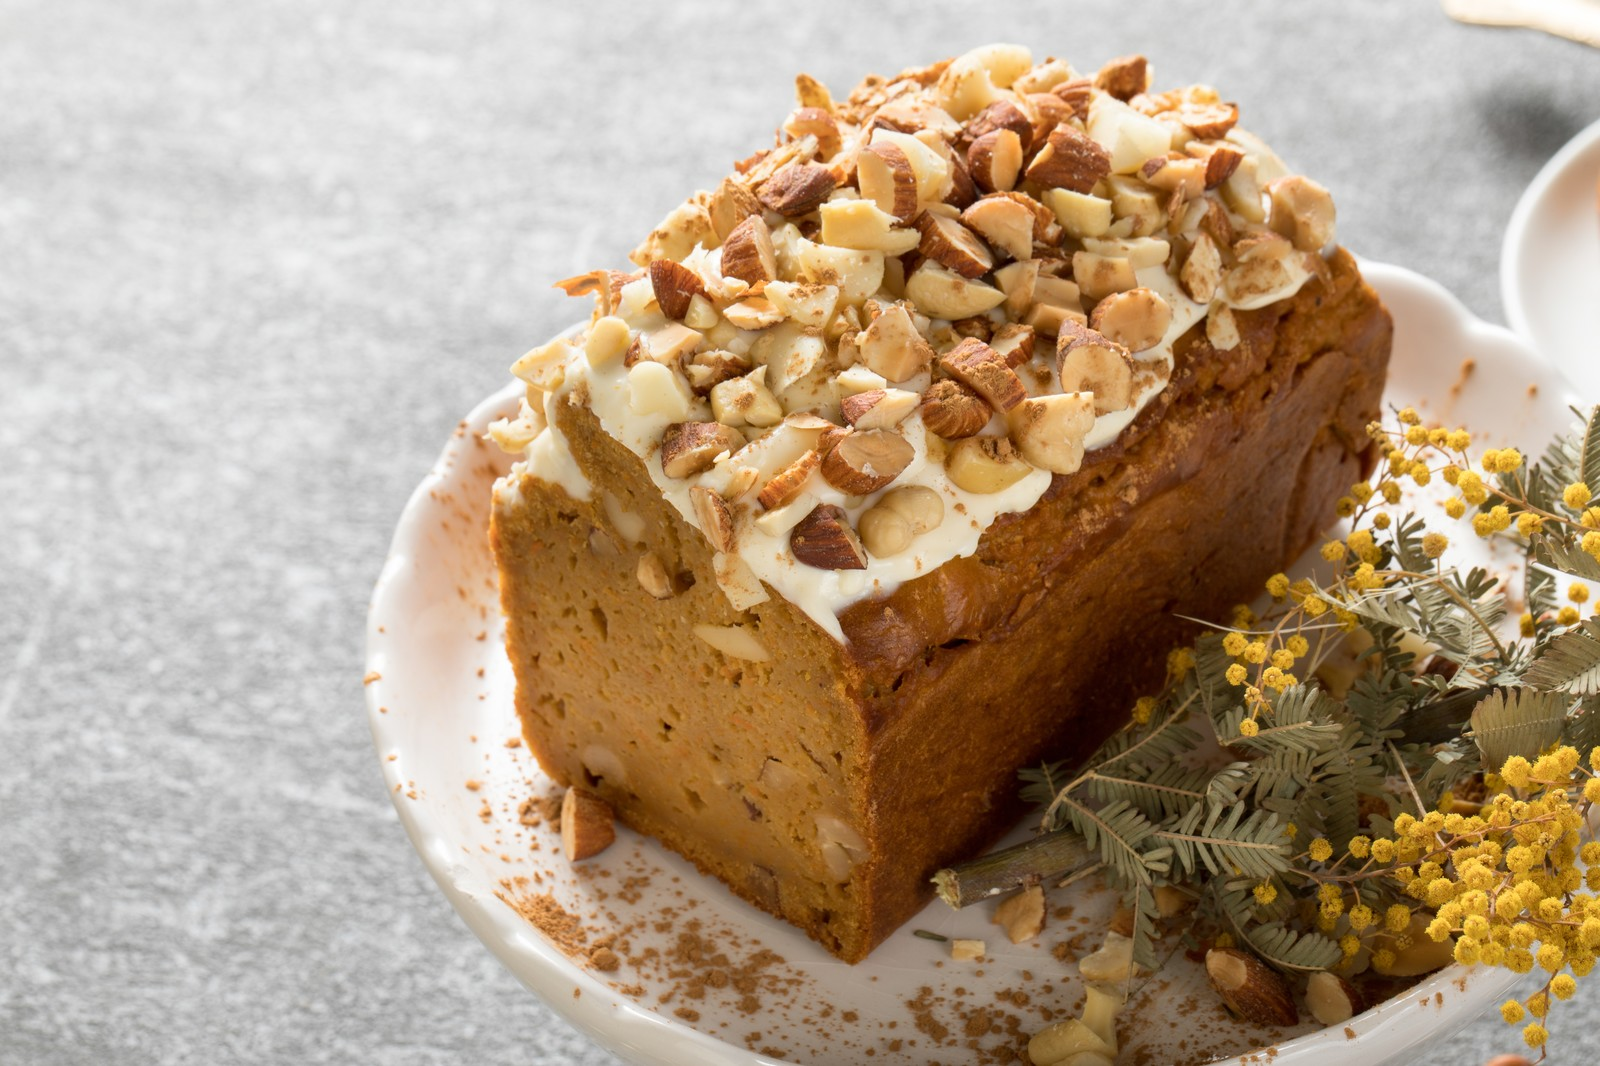 「ナッツいっぱいのにんじんケーキナッツいっぱいのにんじんケーキ」のフリー写真素材を拡大